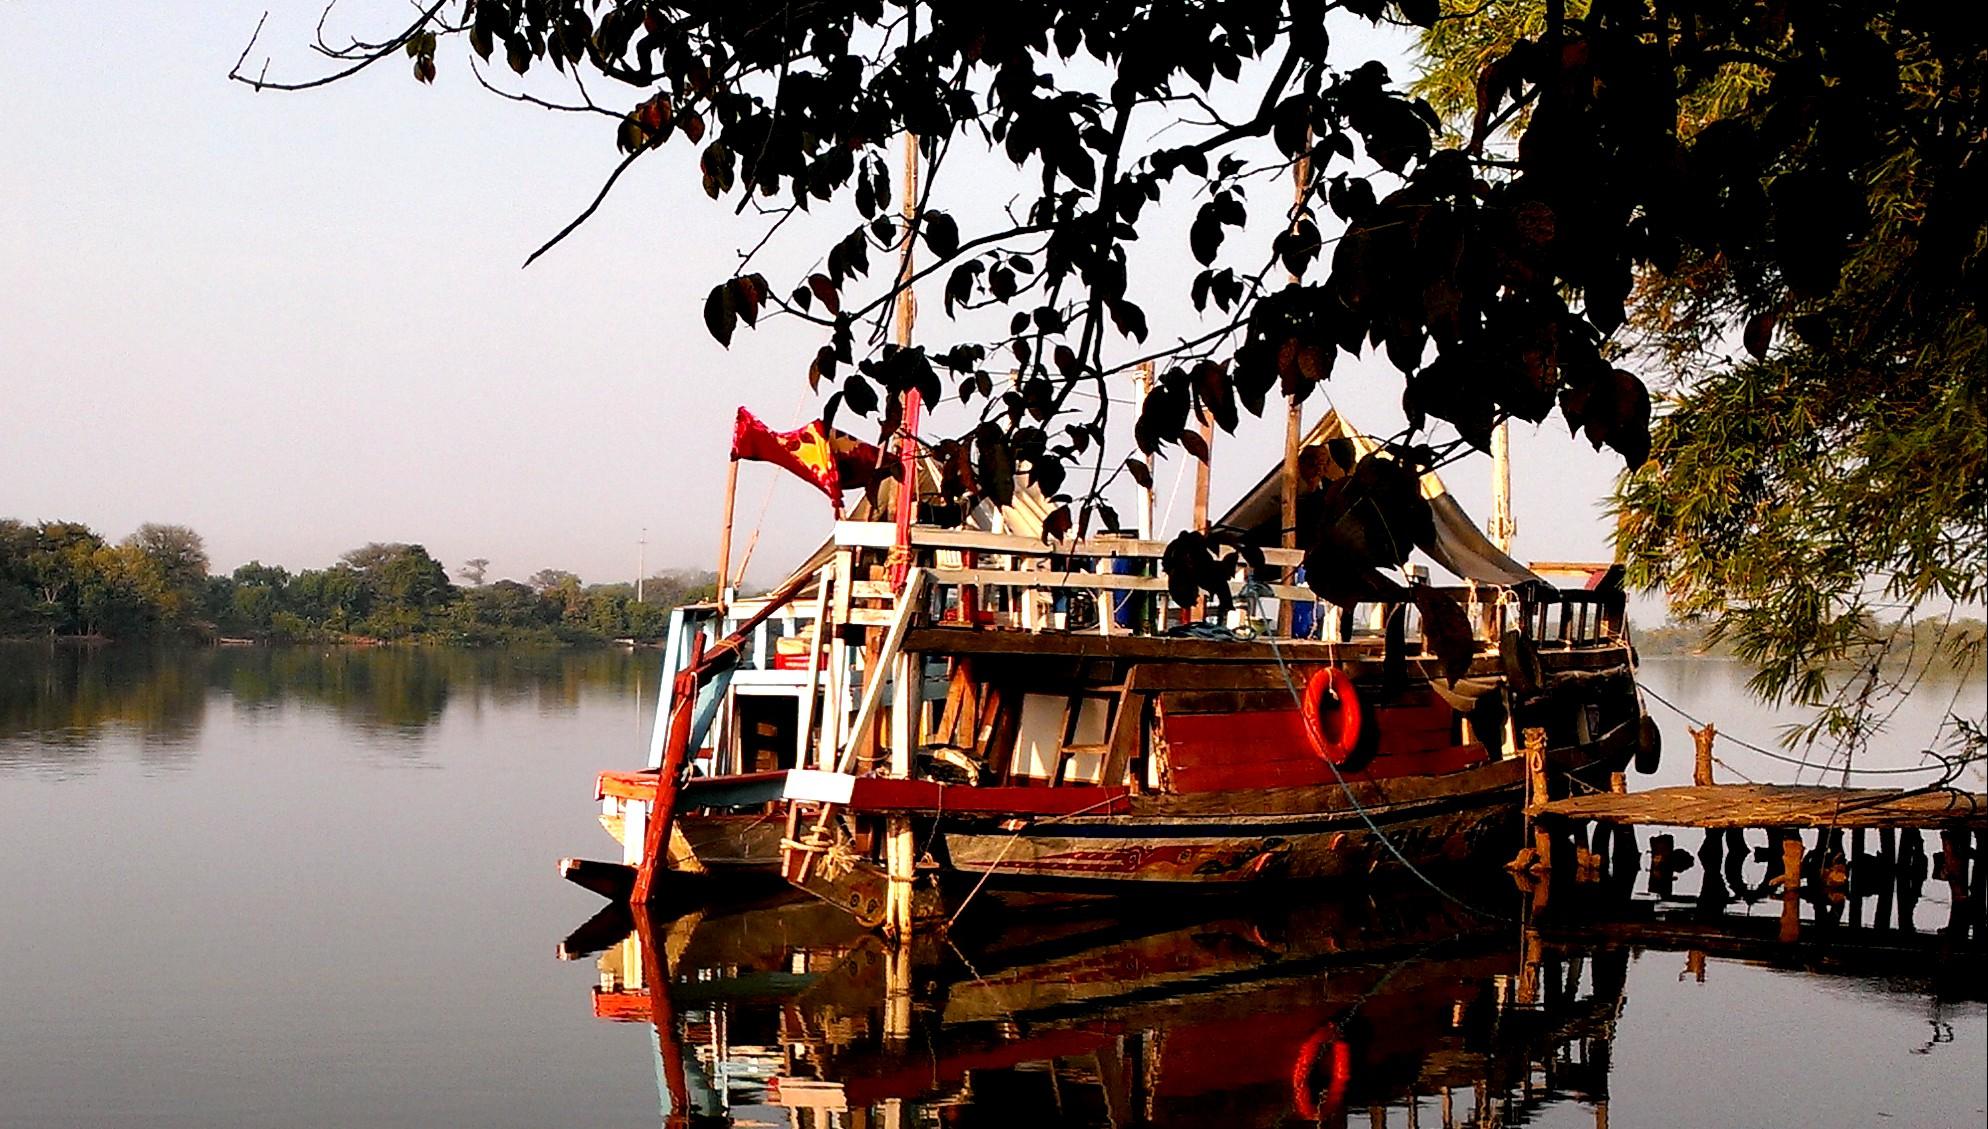 Die nächste Reise nach Gambia